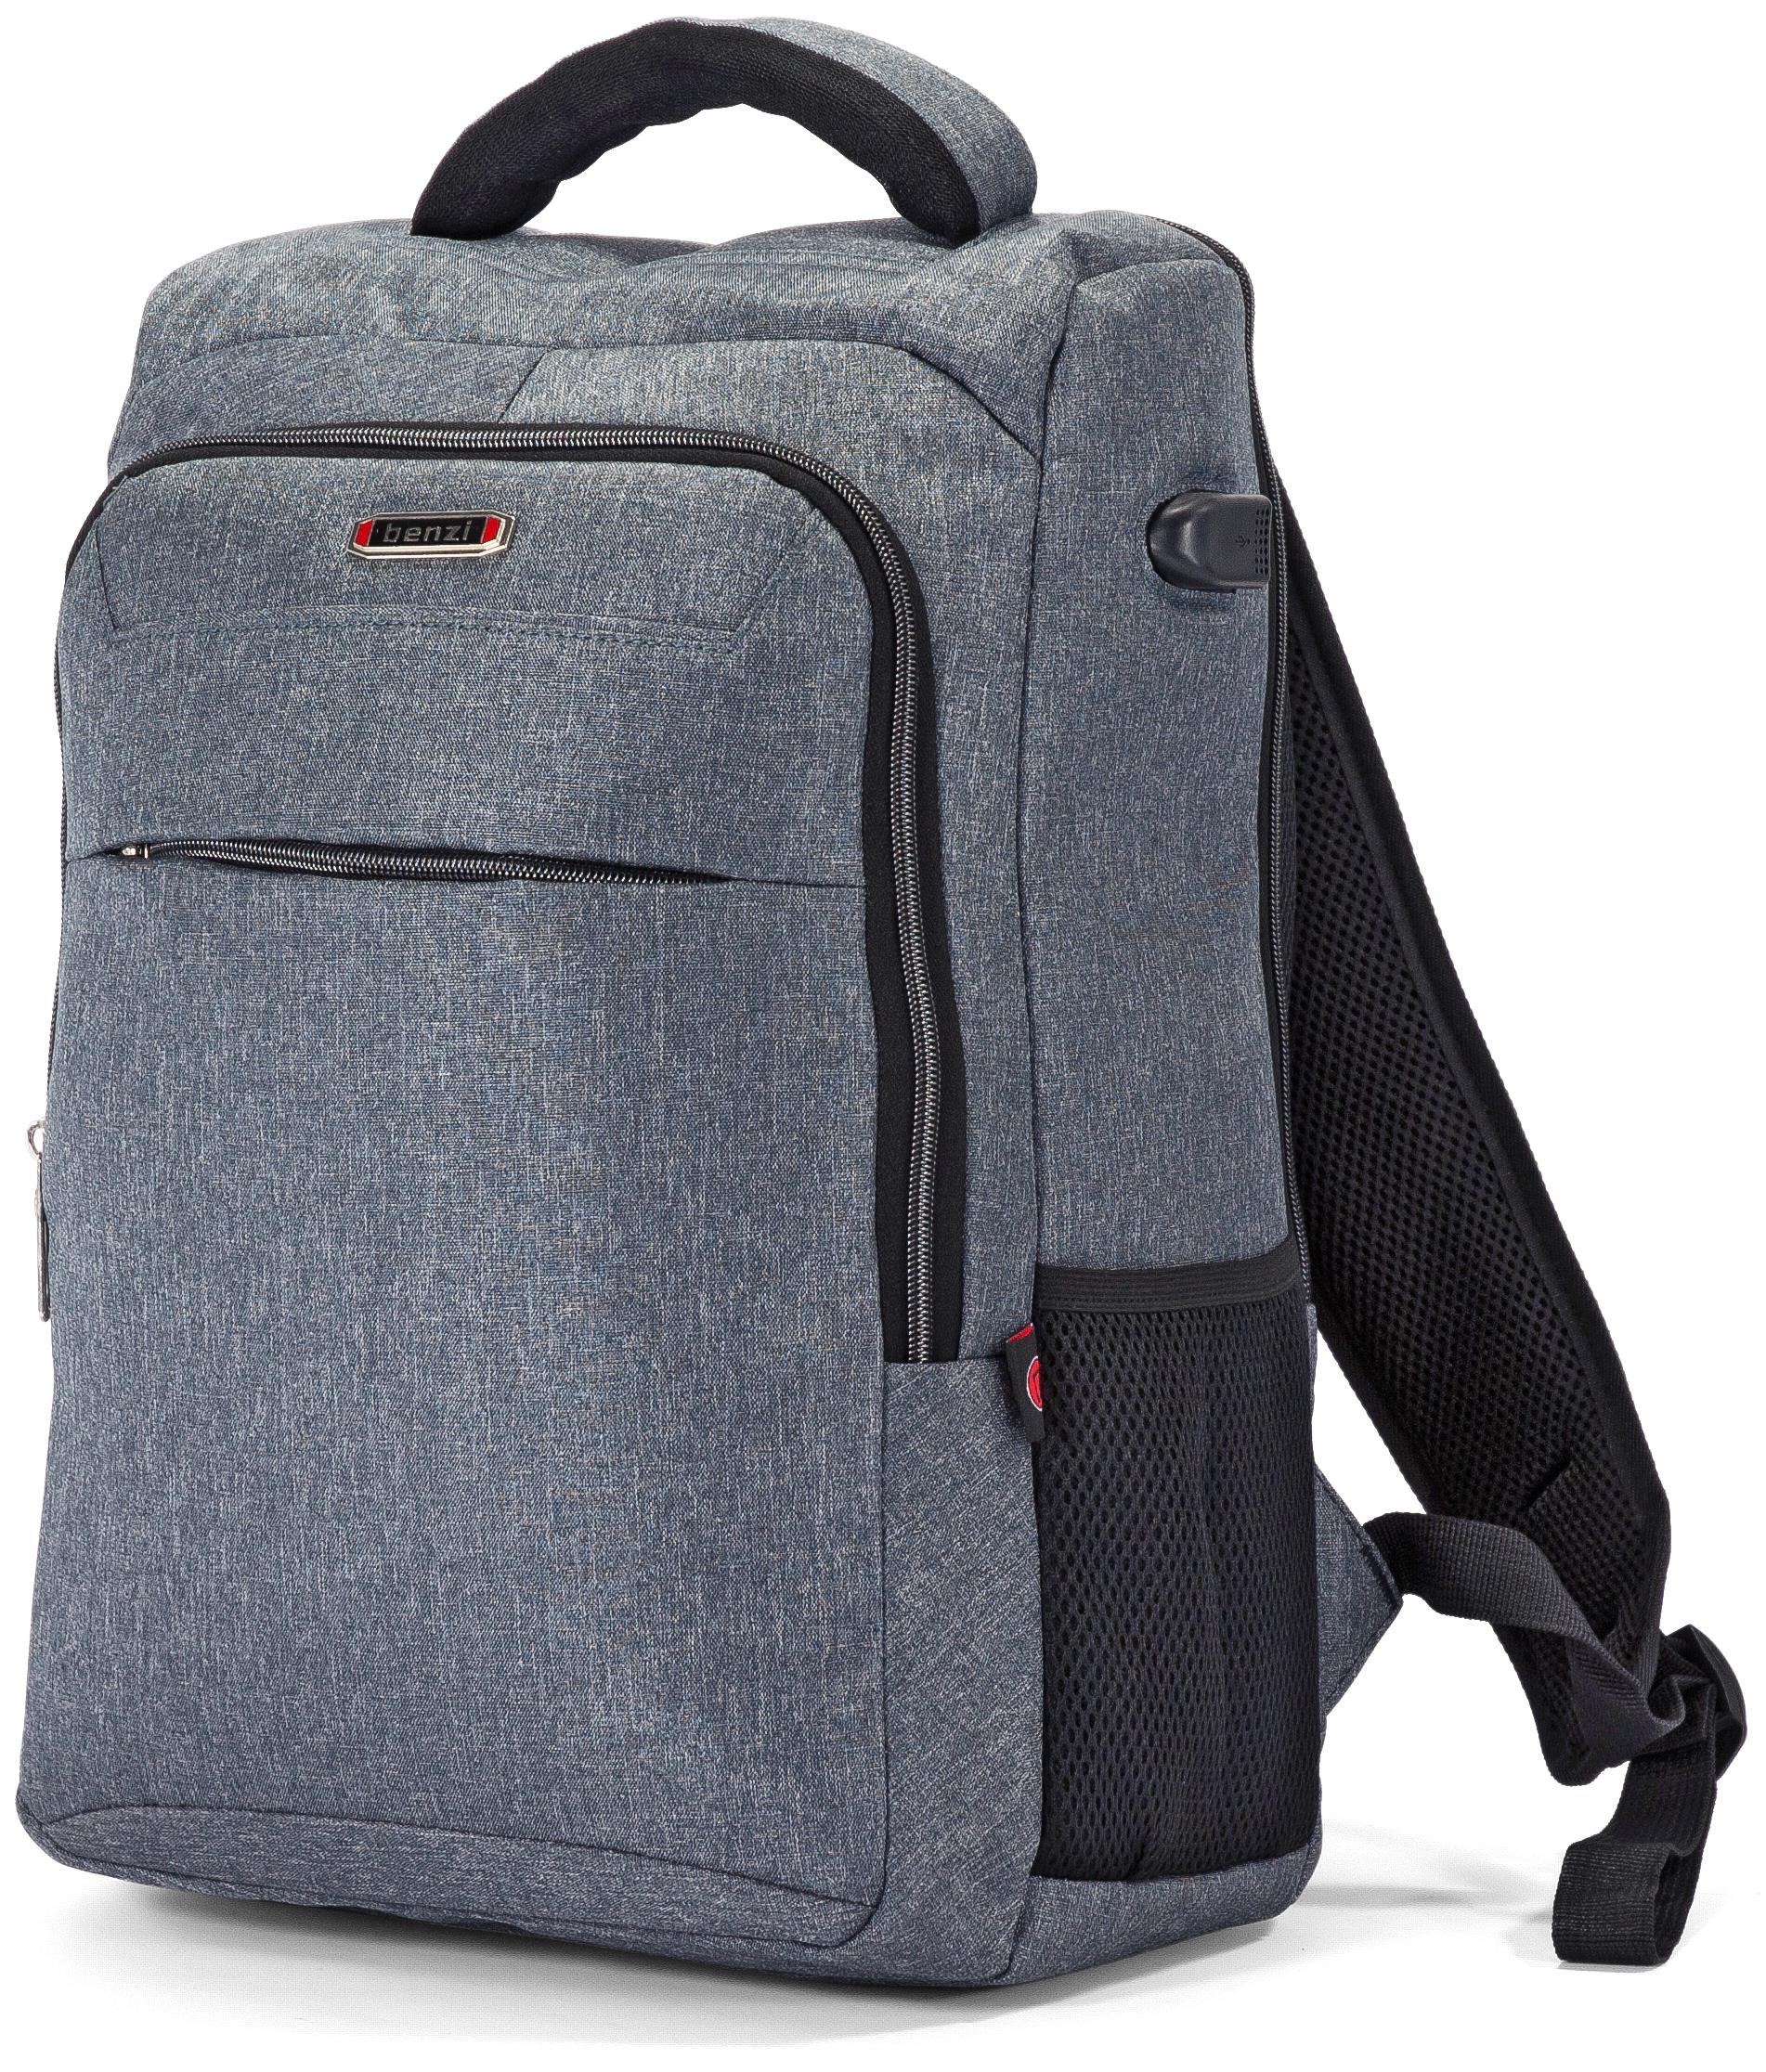 Τσάντα Πλάτης για Laptop 15.6 ίντσες Benzi BZ5448 Γκρι